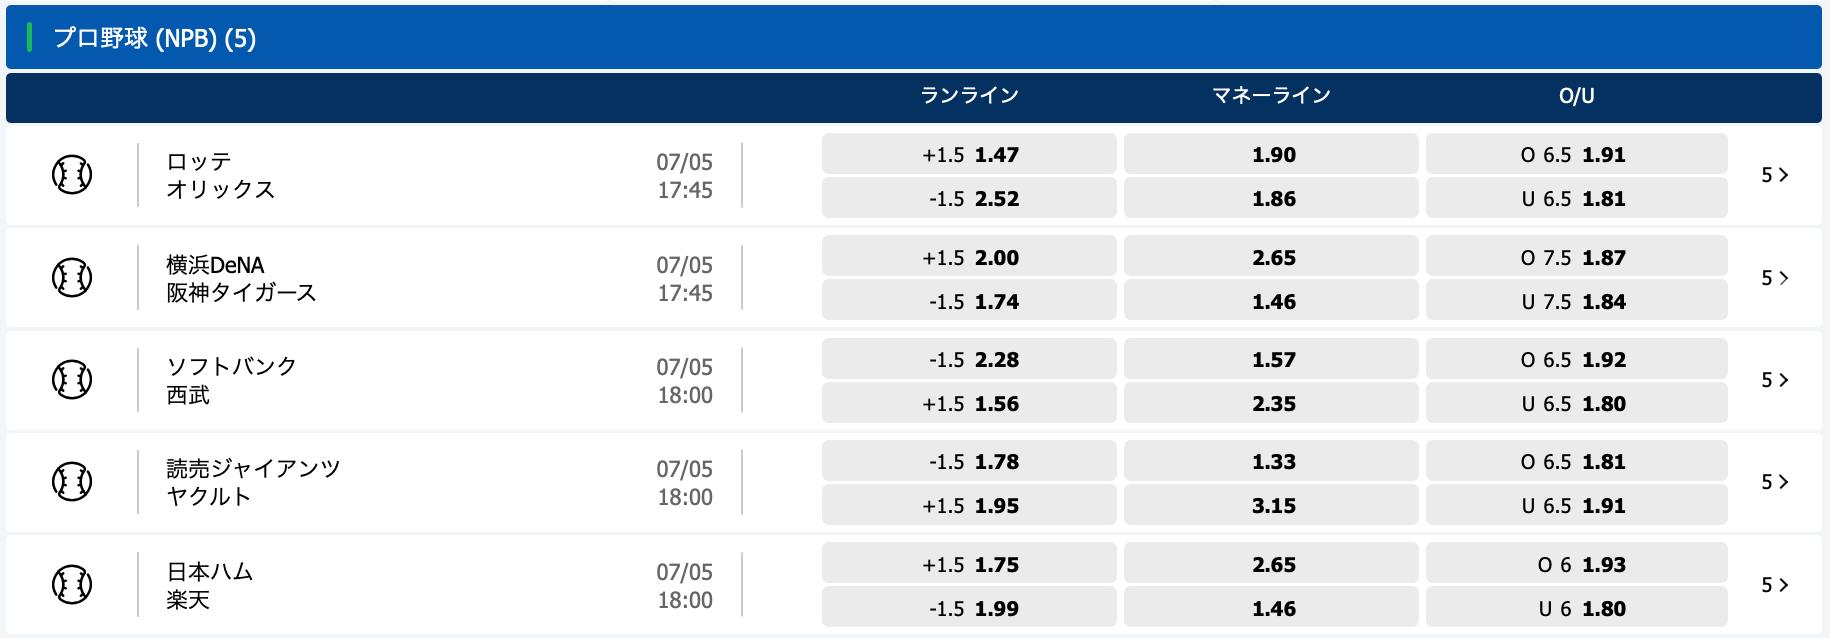 2021年5月7日プロ野球オッズ・10bet Japan